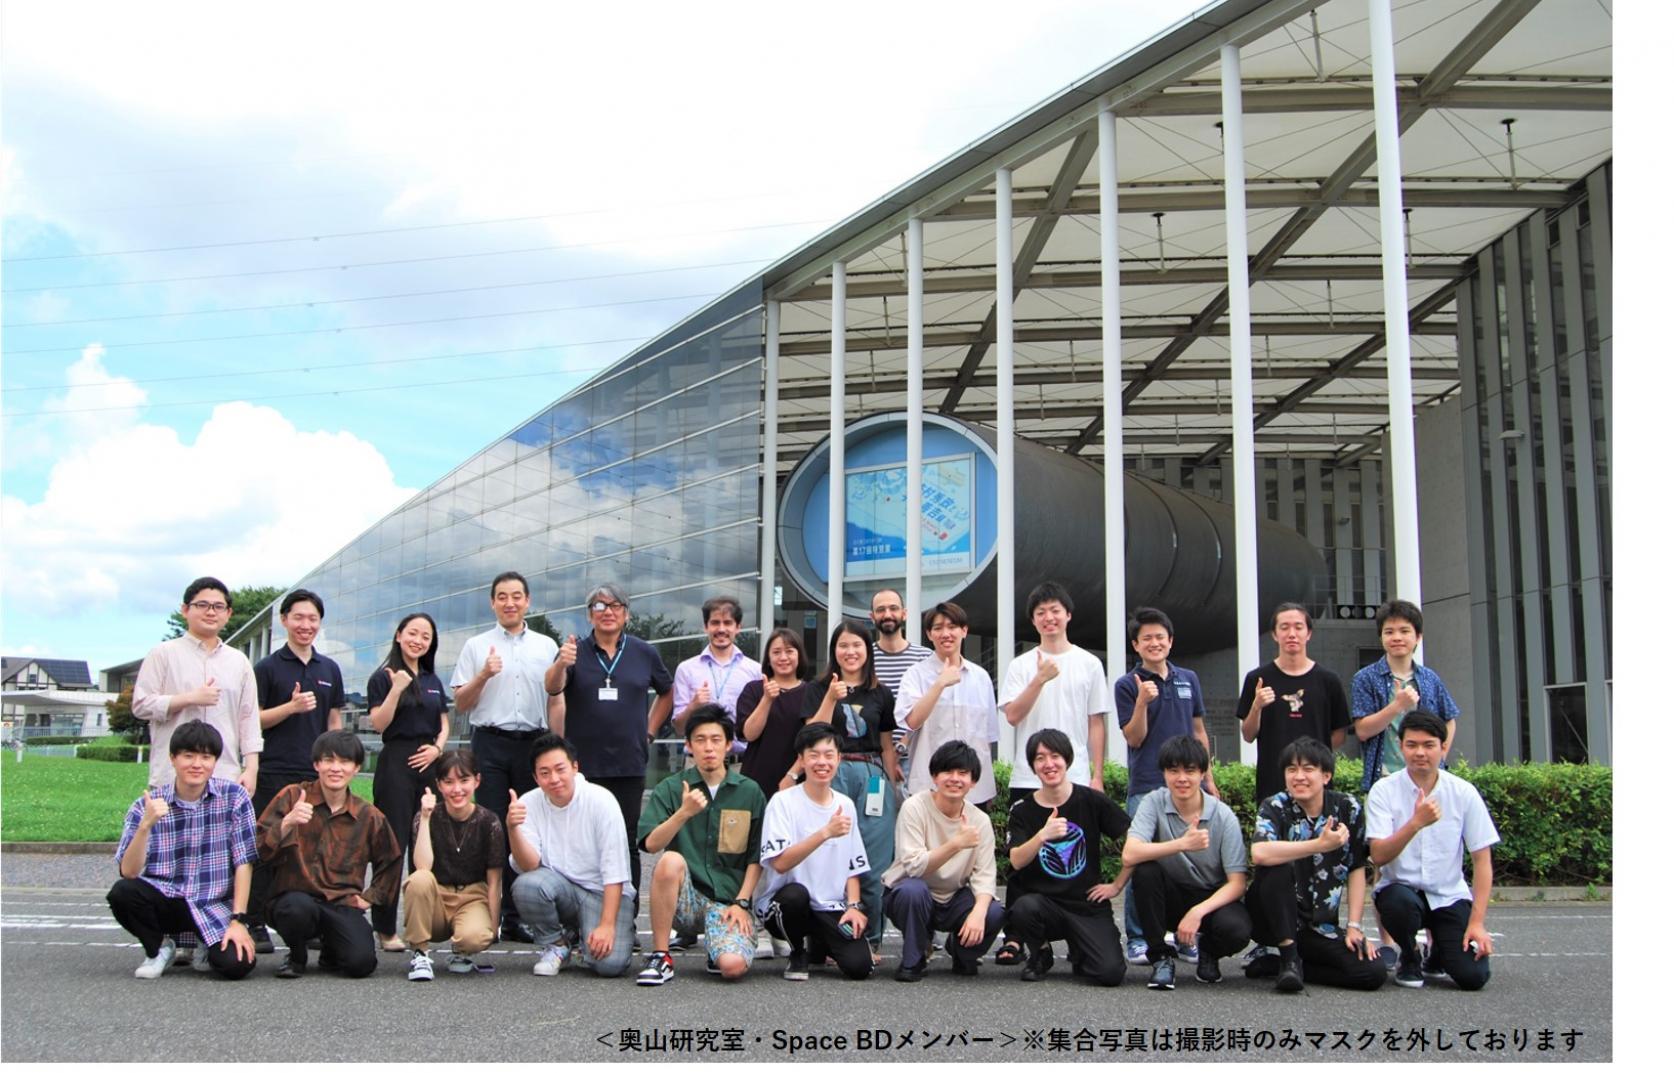 【プレスリリース】日本大学理工学部・Space BD 新型宇宙ステーション補給機「HTV-X」1号機における超小型衛星放出技術実証ミッションに関する業務提携を締結